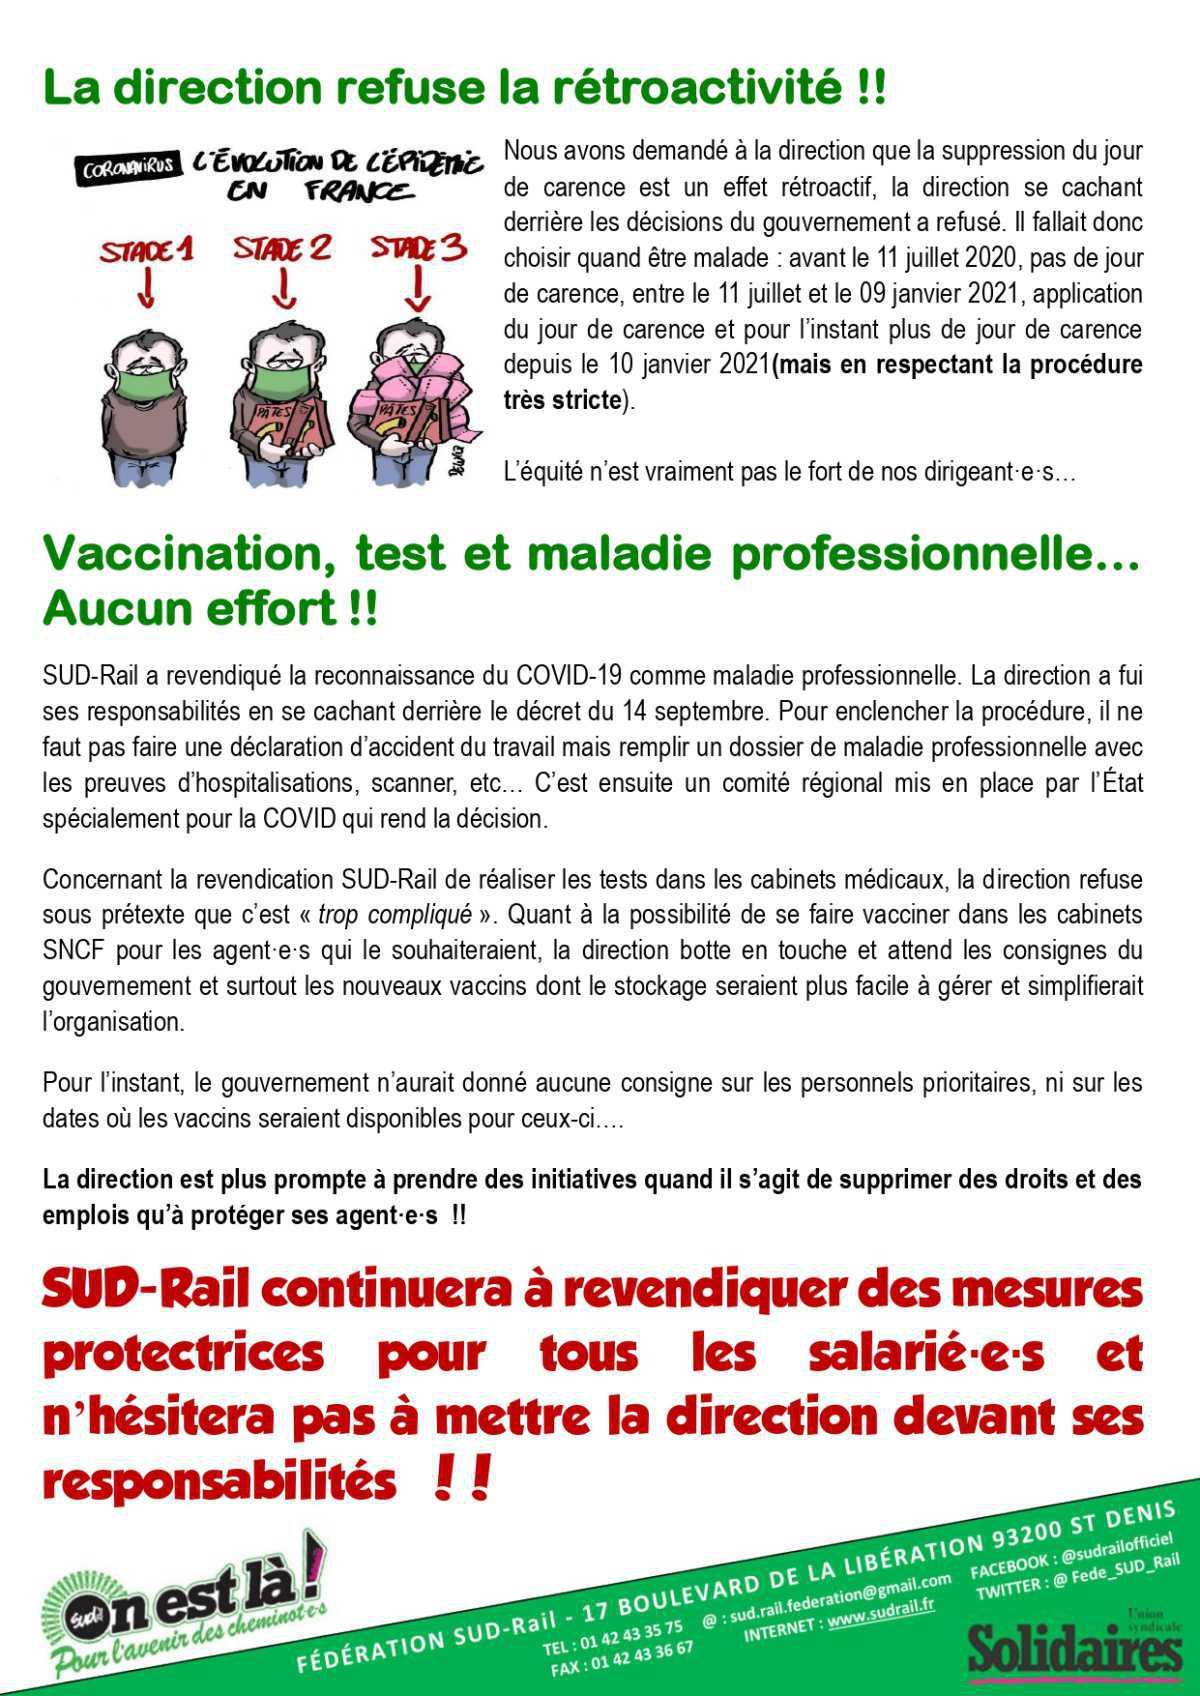 Jour de Carence à la SNCF...Une avancée sous la contrainte !!